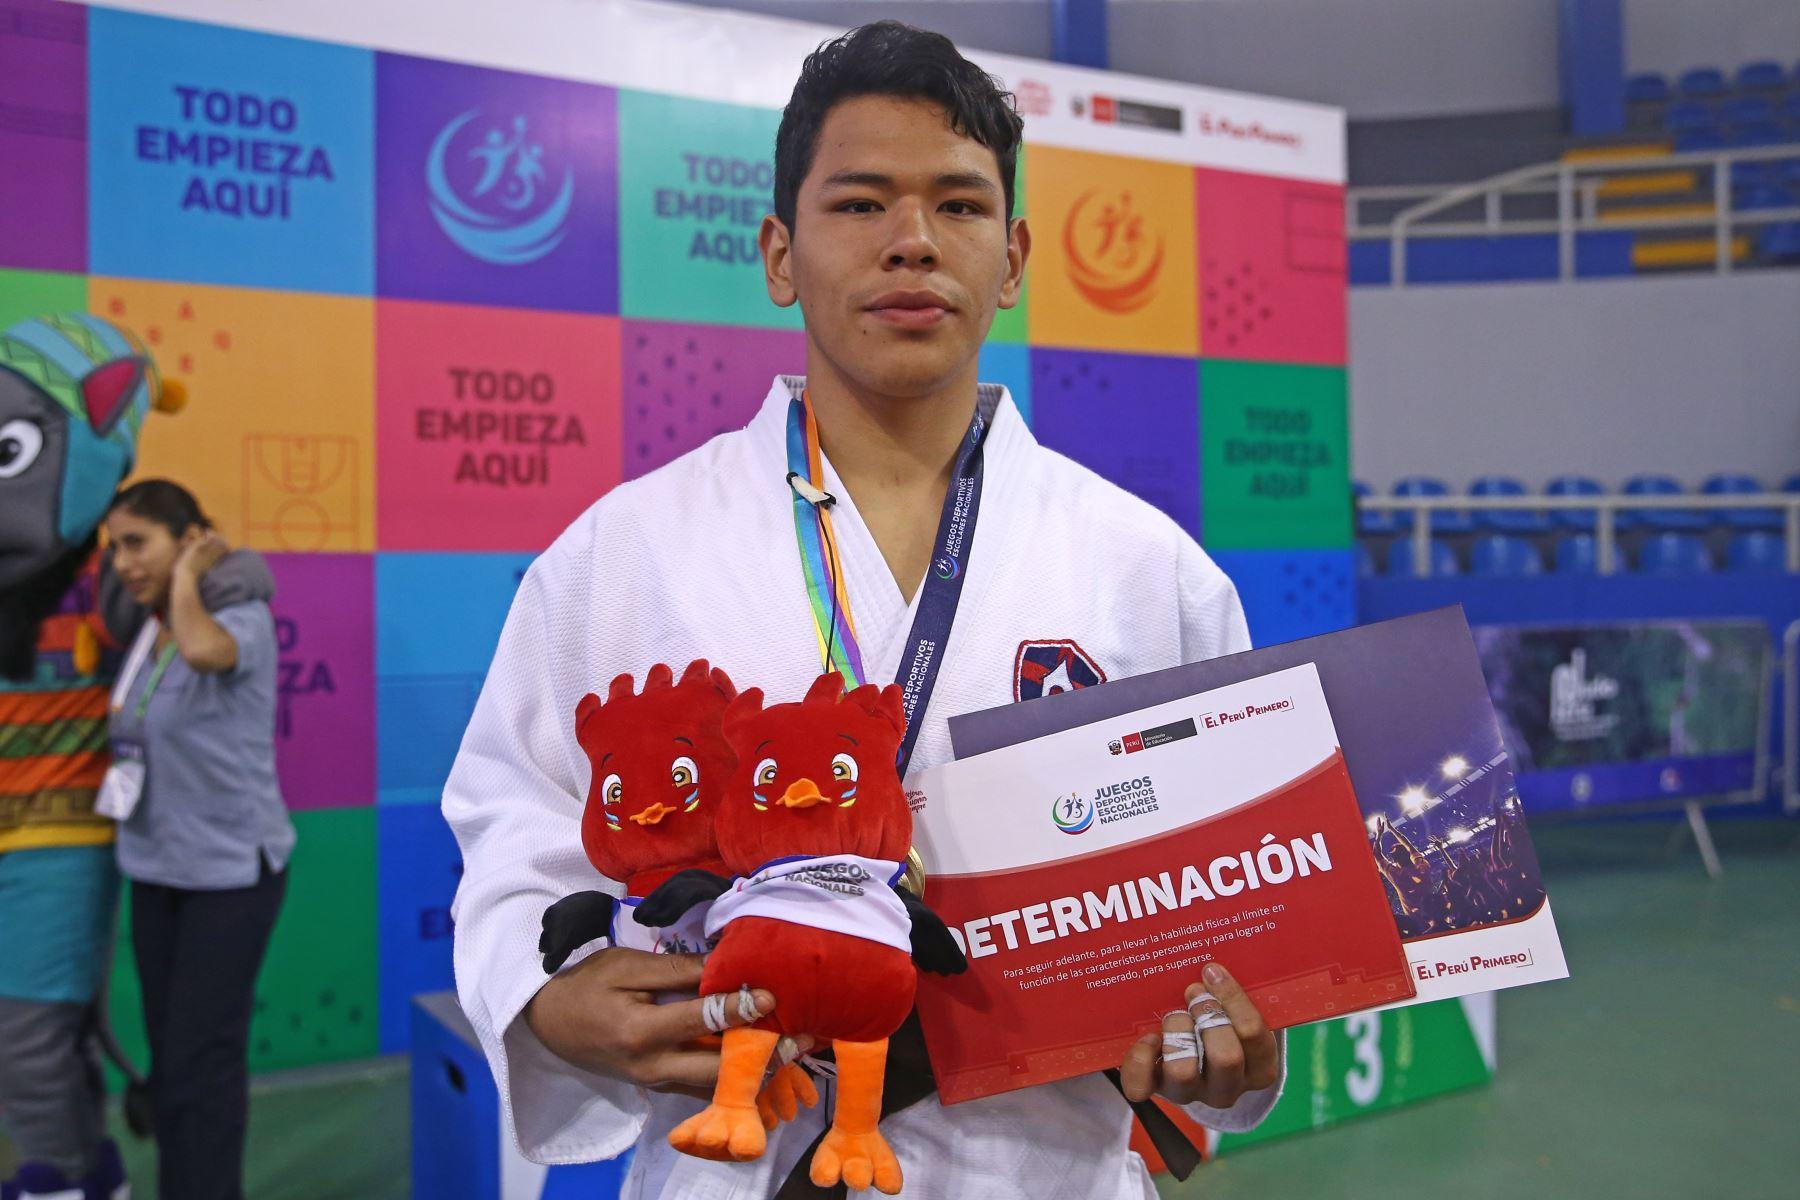 Alejandro Carril Argomero  del Colegio Nuestra señora de Schoensta de la Libertad medalla de oro, durante la premiación de Judo por  los Juegos Deportivos Escolares Nacionales en Coliseo Manuel Bonilla de  Miraflores. Foto: ANDINA/Vidal Tarqui